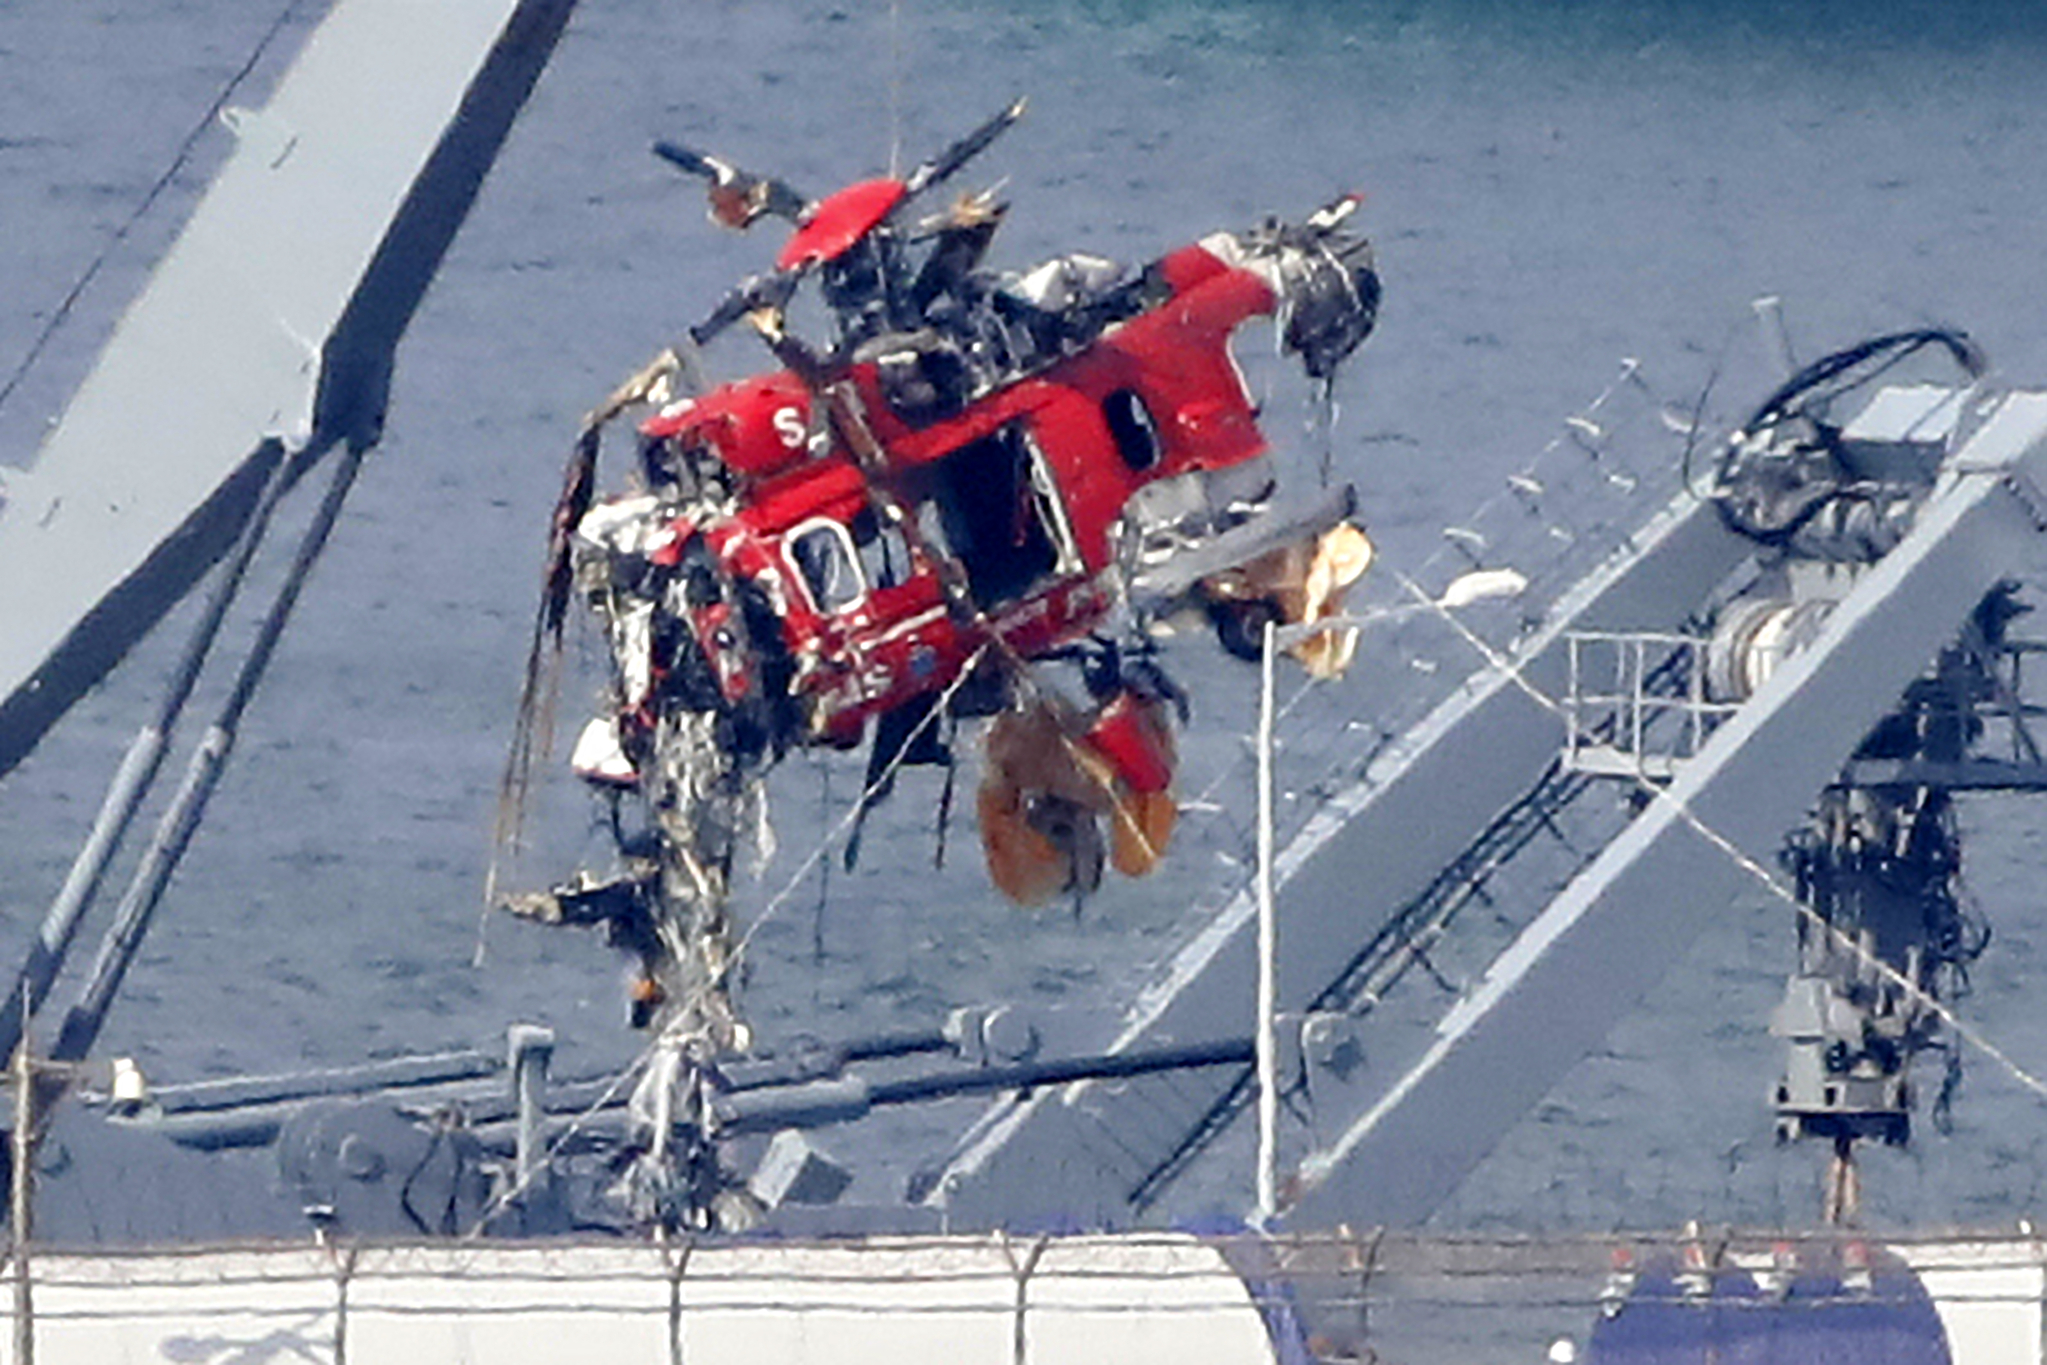 소방헬기 추락 5일째 해군 청해진함에 의해 경북 포항시 남구 포항신항에 있는 해군 부대로 옮겨진 사고기 동체가 국토부 조사를 위해 특수차량으로 옮겨지고 있는 모습. [뉴스1]